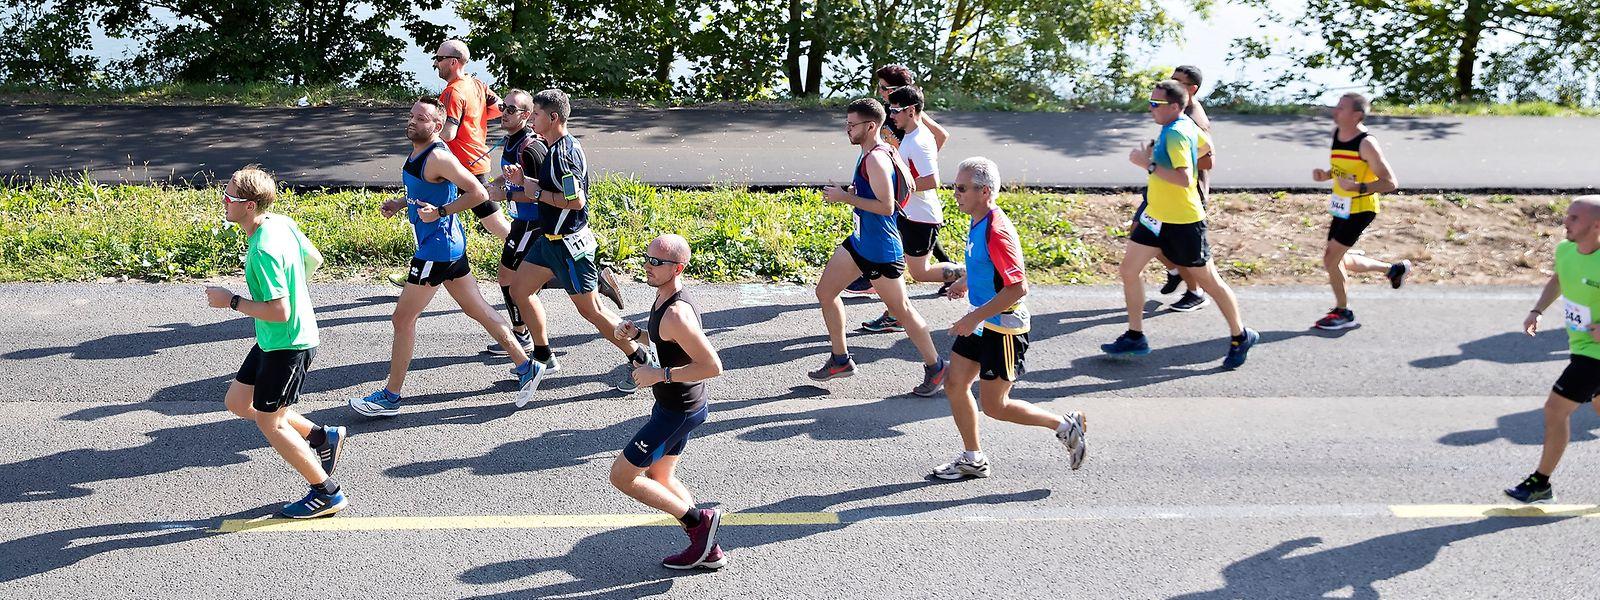 Sportlich aktive Menschen gibt es auch in Luxemburg eine ganze Menge.